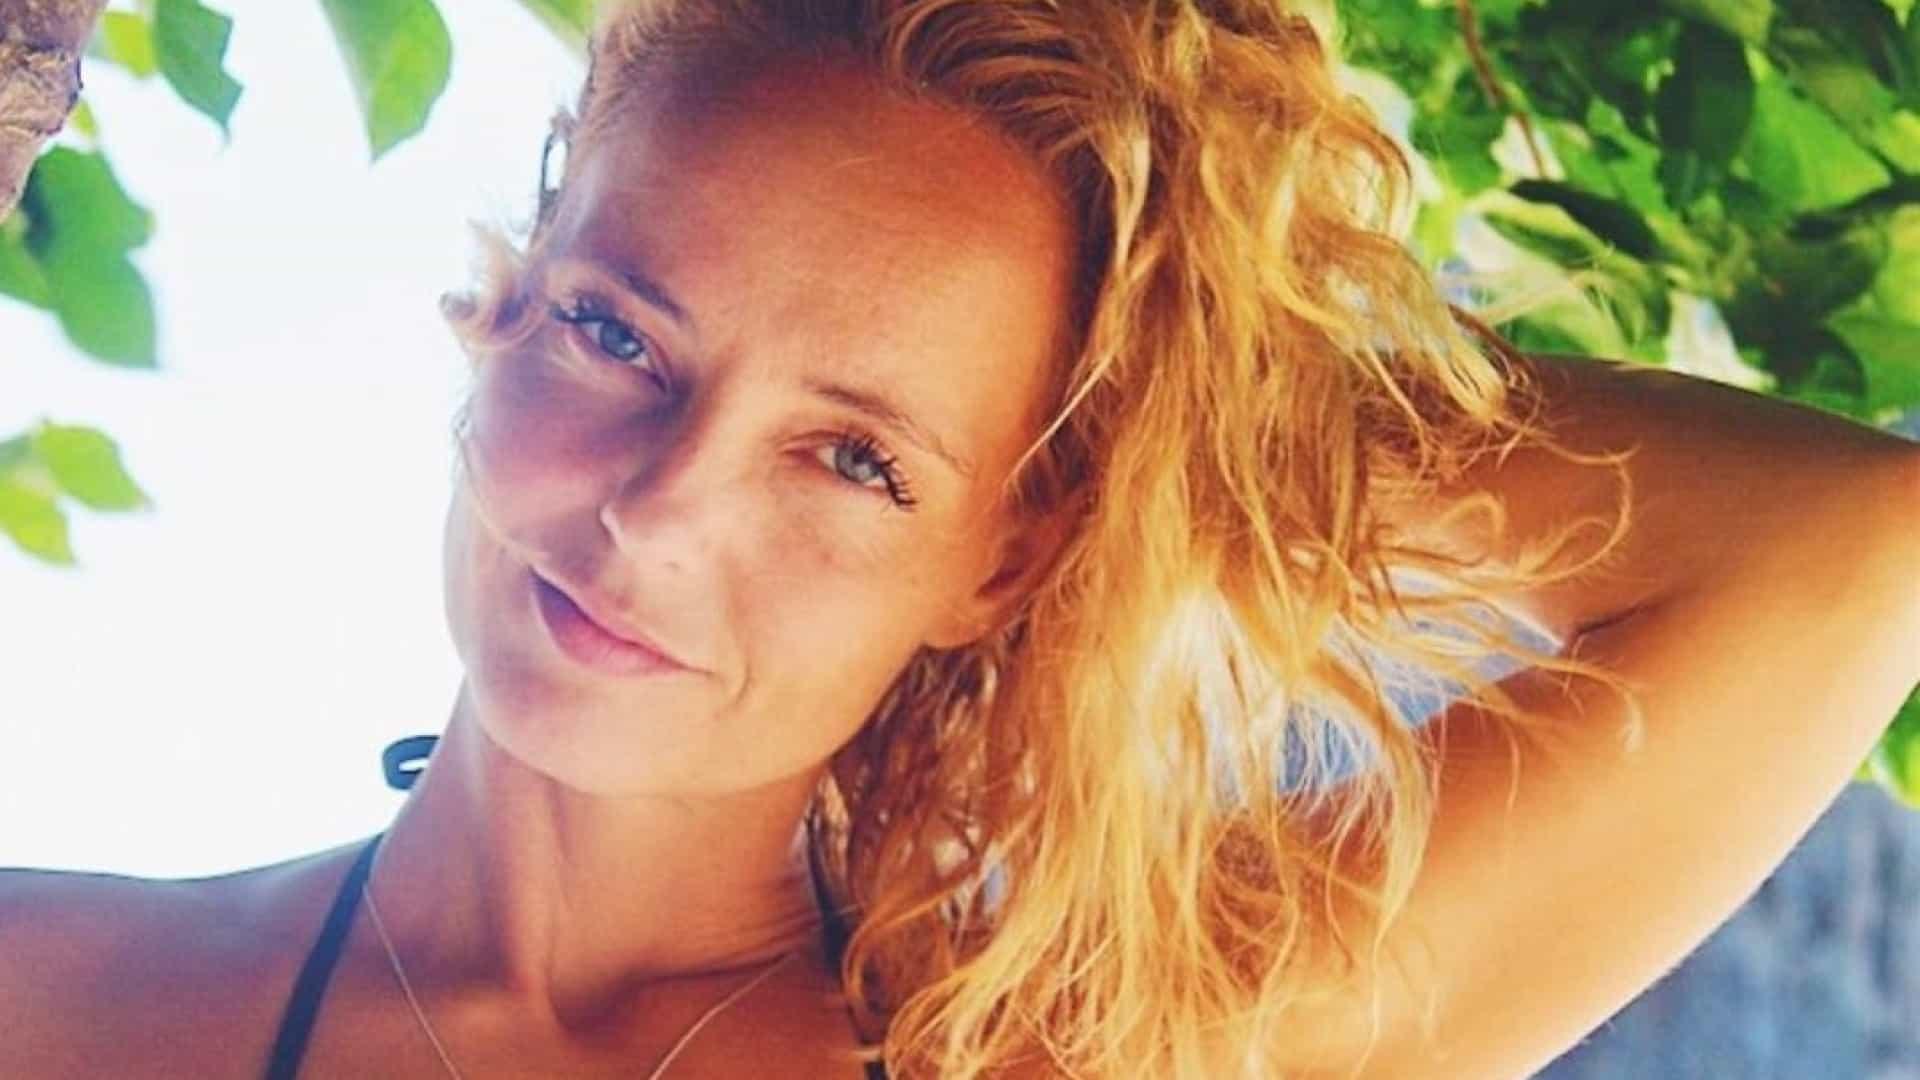 Bárbara Norton e Matos aquece Instagram com foto no mar. Famosos reagem